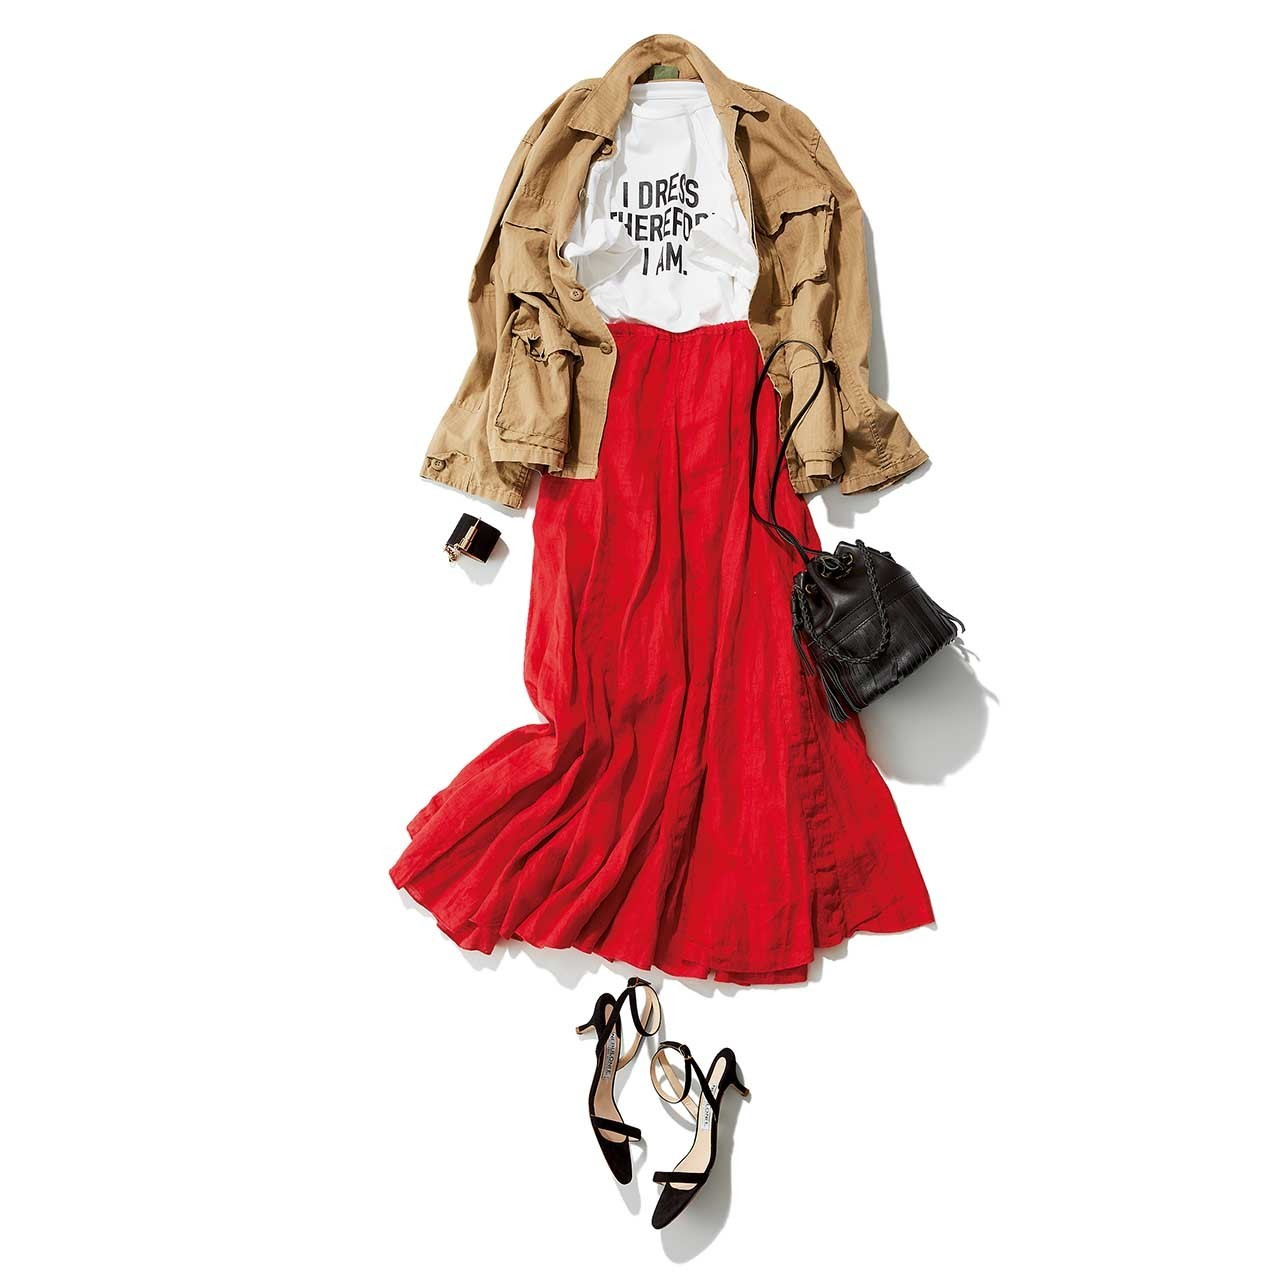 ジャケット×朱赤のロングスカートコーデ